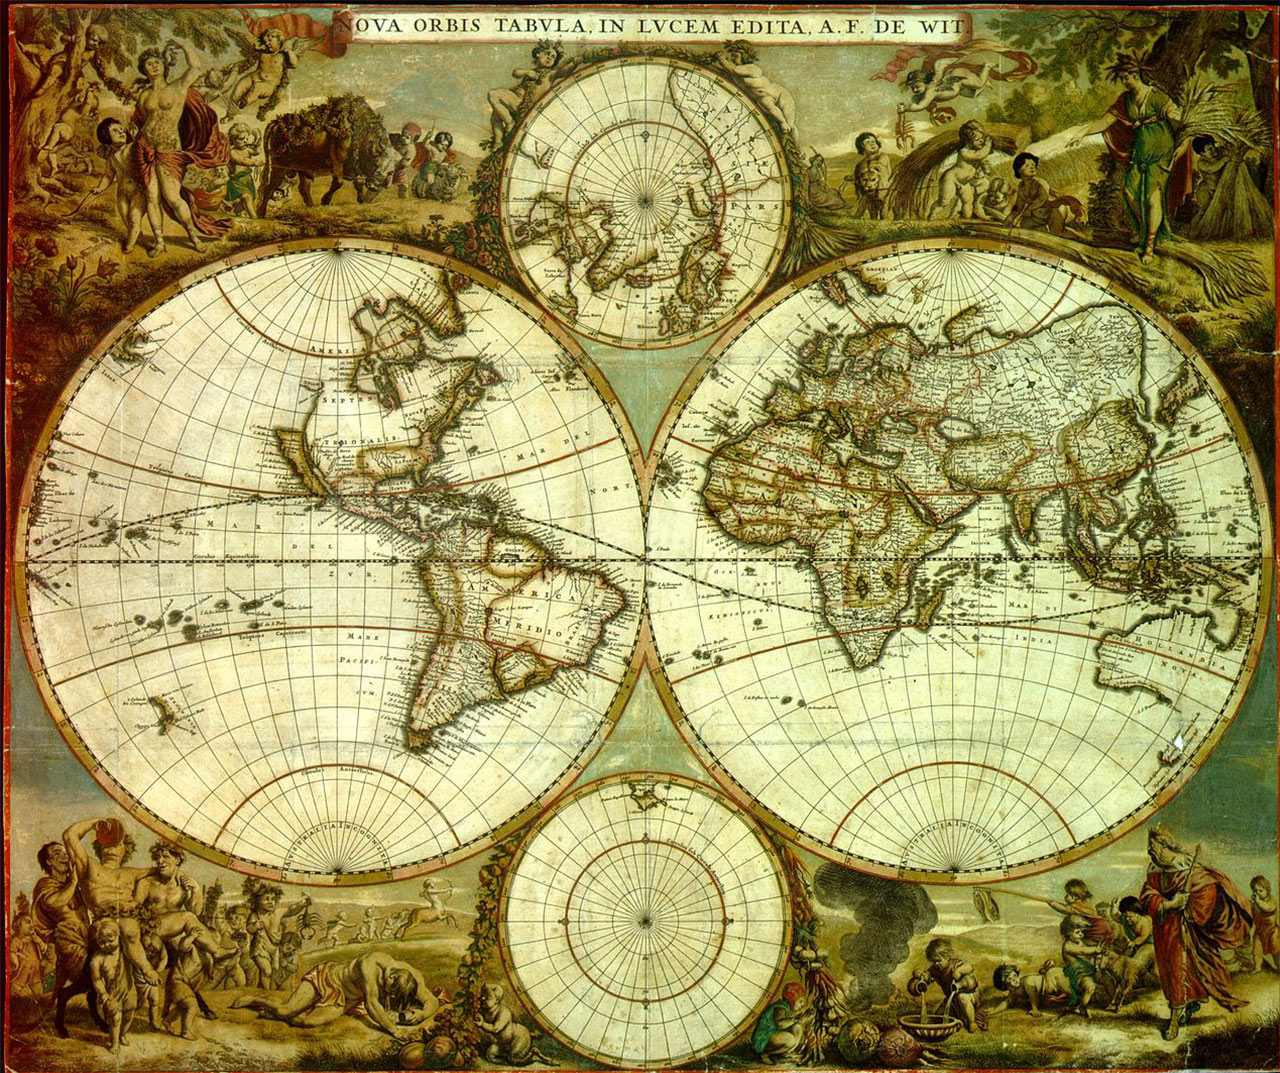 7. Frederik de Wit (1630-1706). Planisphère Nova Orbis Tabula 1662. Bibliothèque royale de Belgique. On remarque les lacunes affectant l'Amérique du Nord.